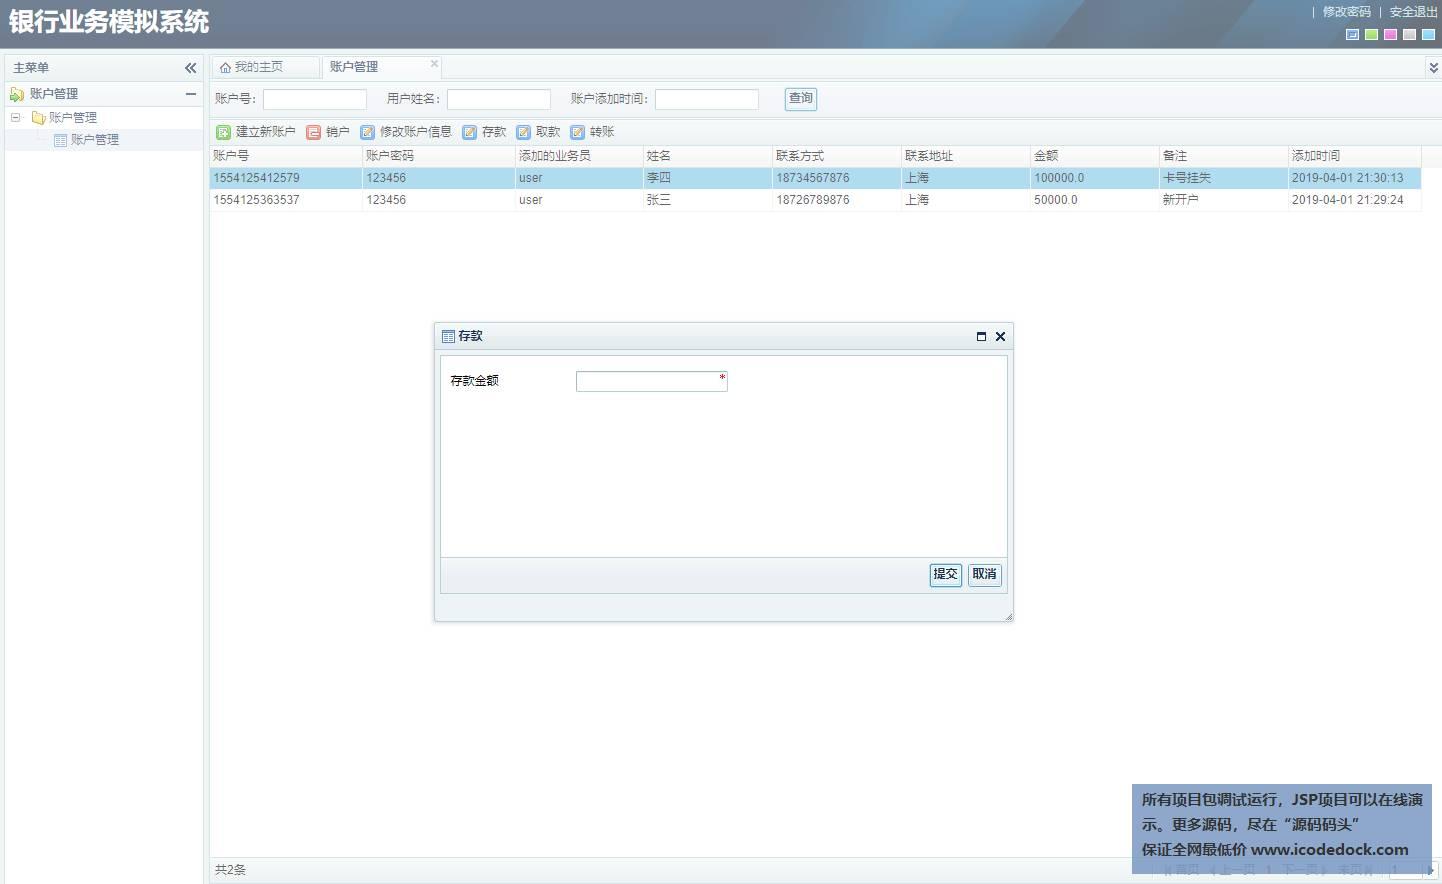 源码码头-SSH在线银行业务模拟系统-业务员角色-存款